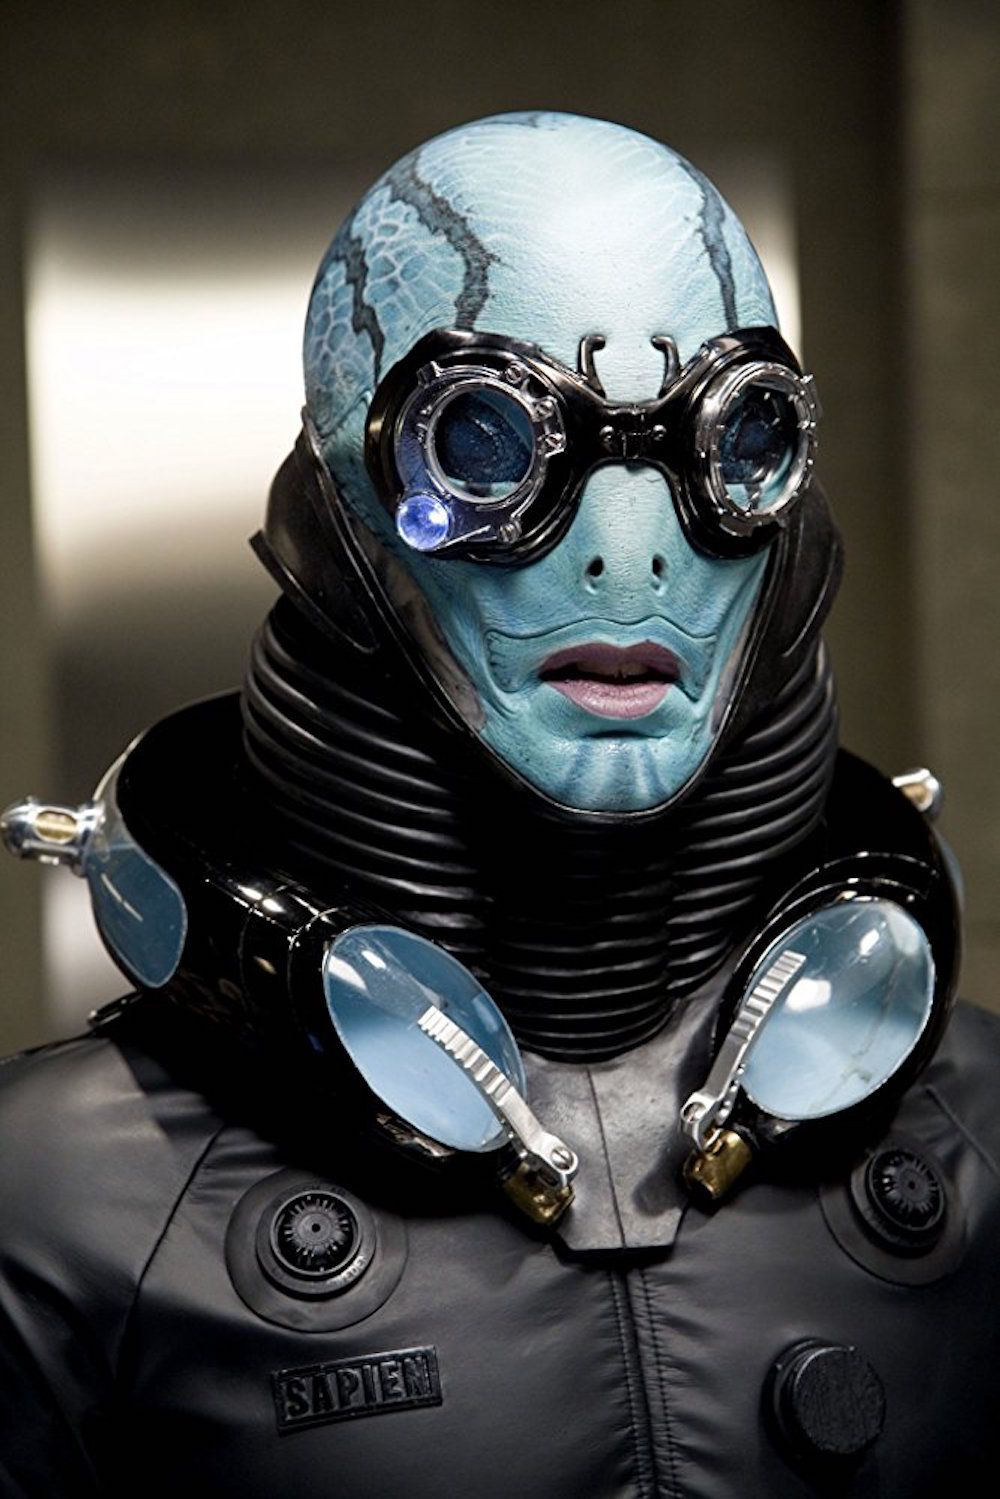 El actor Doug Jones ha interpretado a criaturas como el Hombre Anfibio en La forma del agua, El Fauno en El Laberinto del Fauno y Abe Sapien en Hellboy